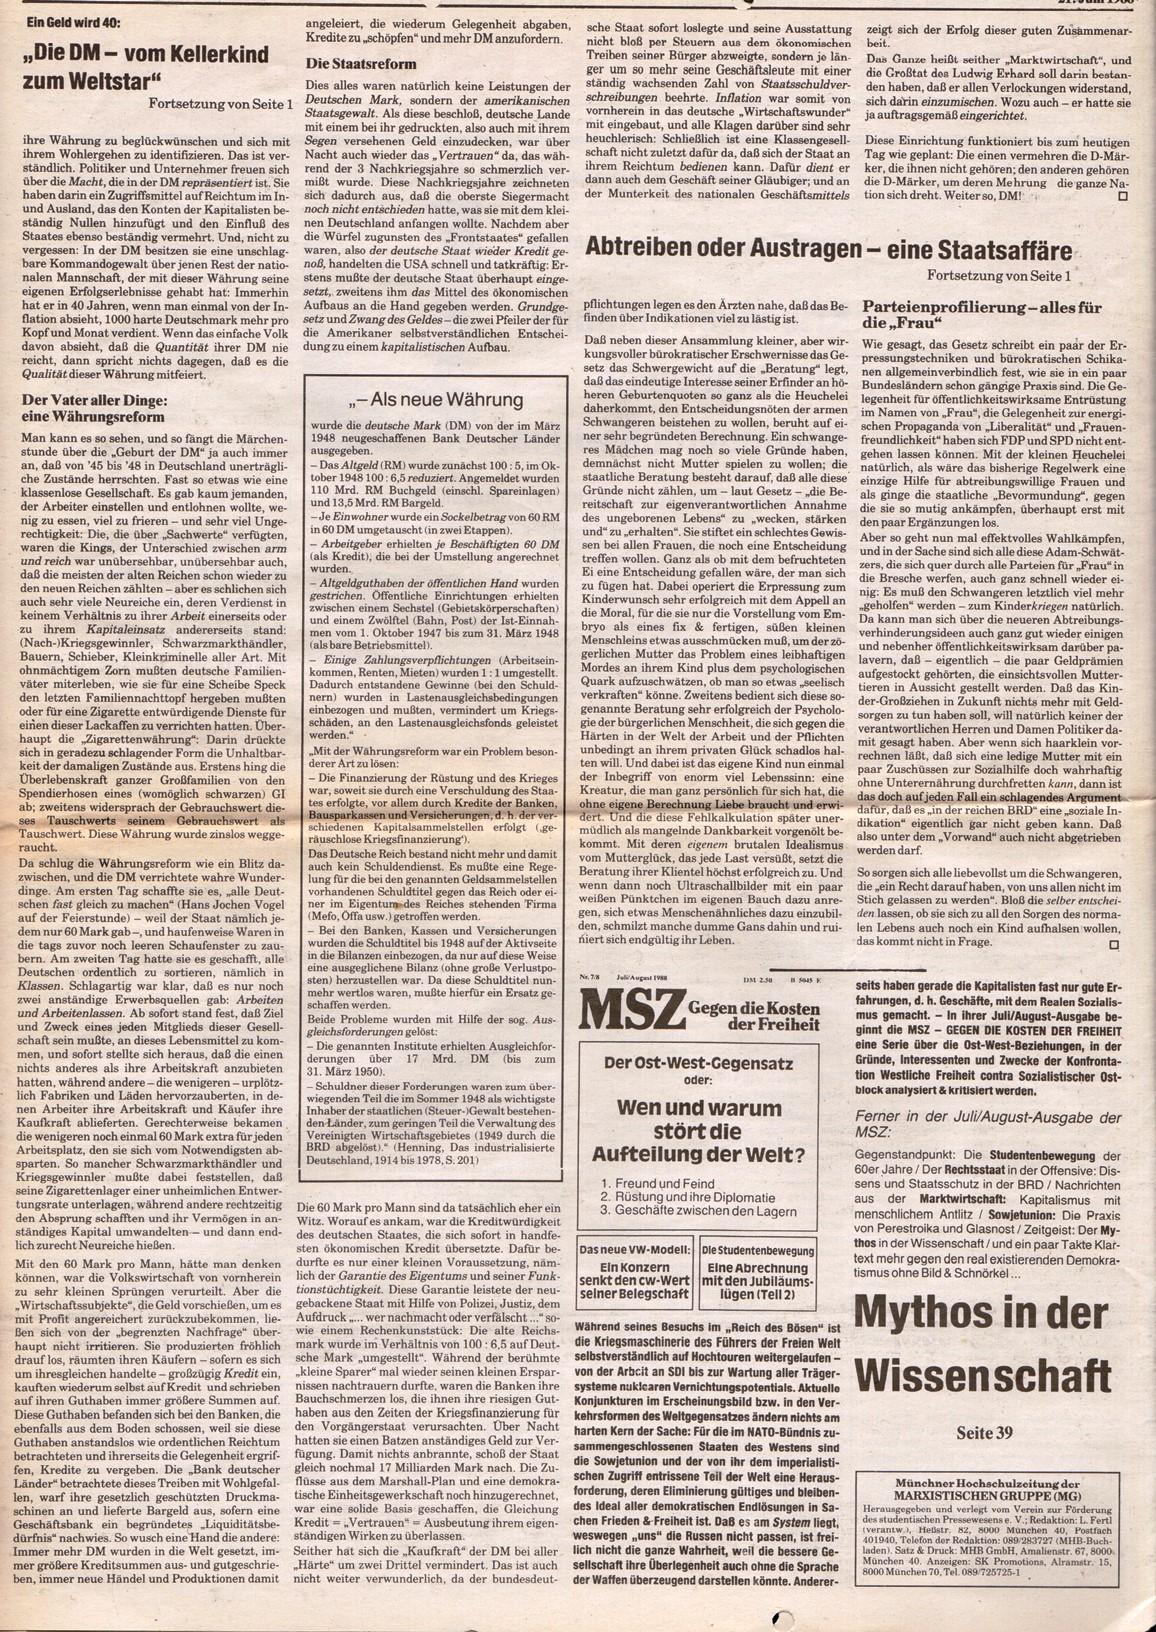 Muenchen_MG_Hochschulzeitung_19880621_02